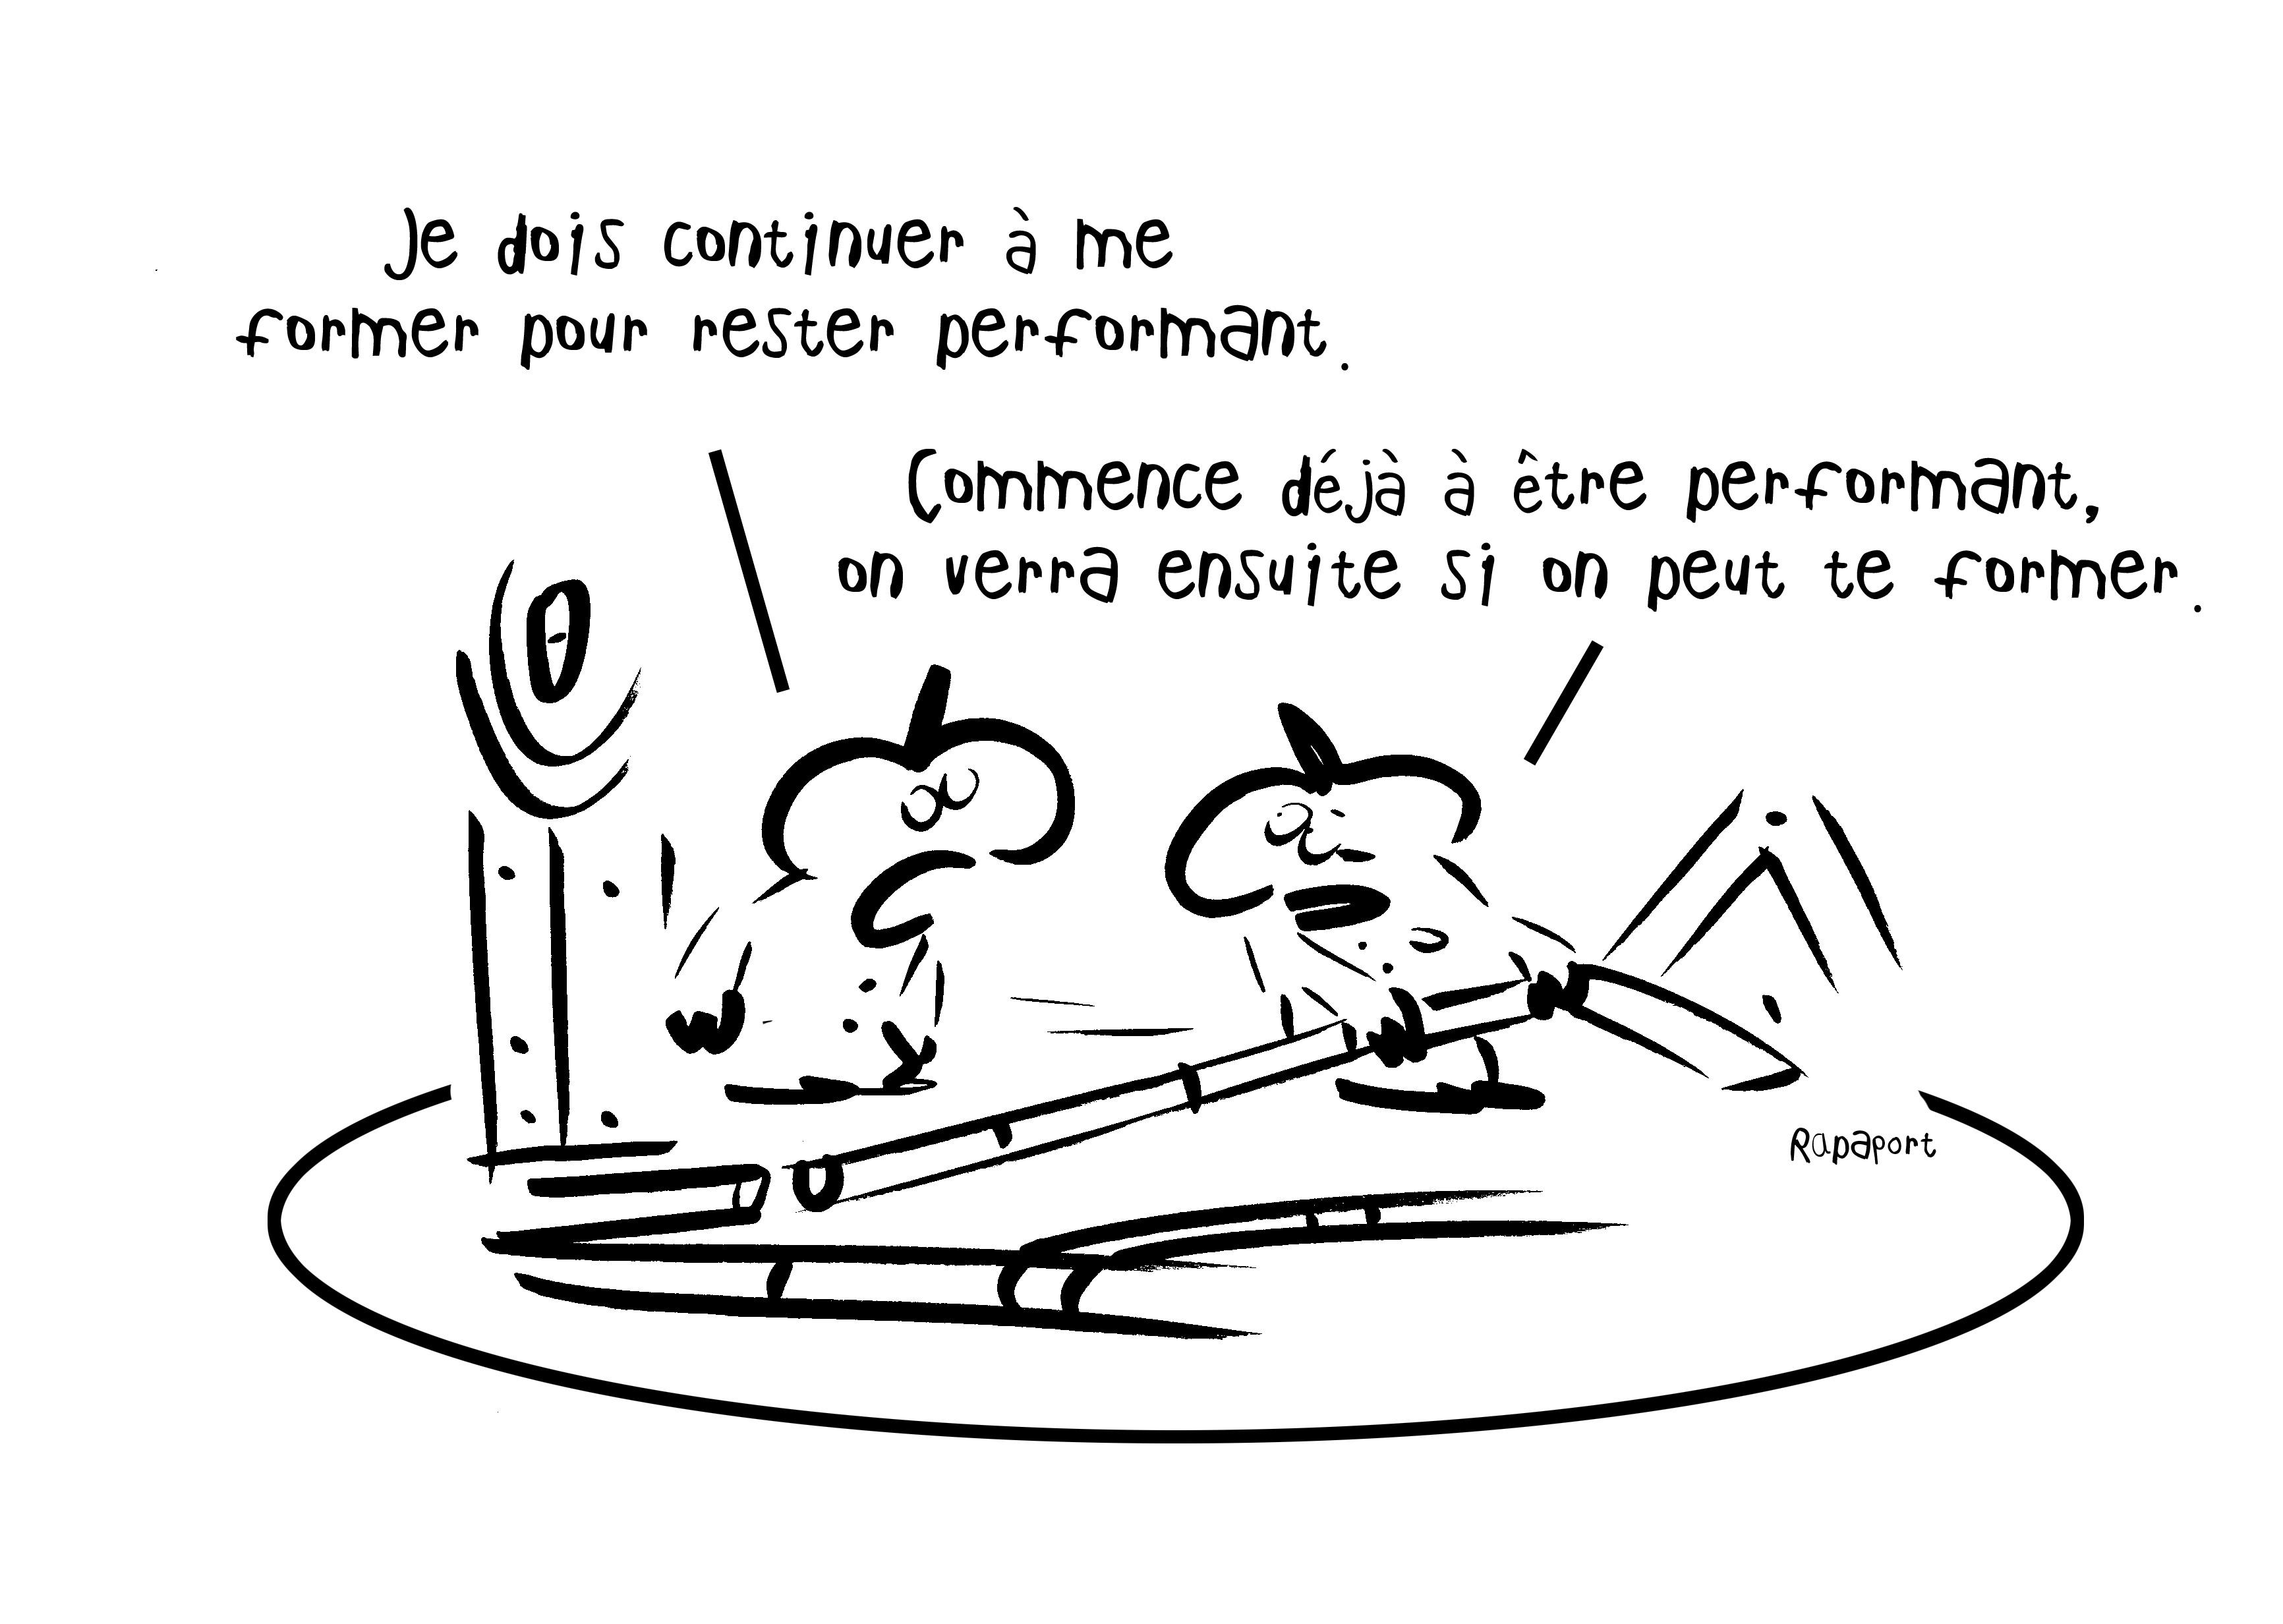 RAPAPORT DESSINS:BAROMÈTRE ENTREPRISE76